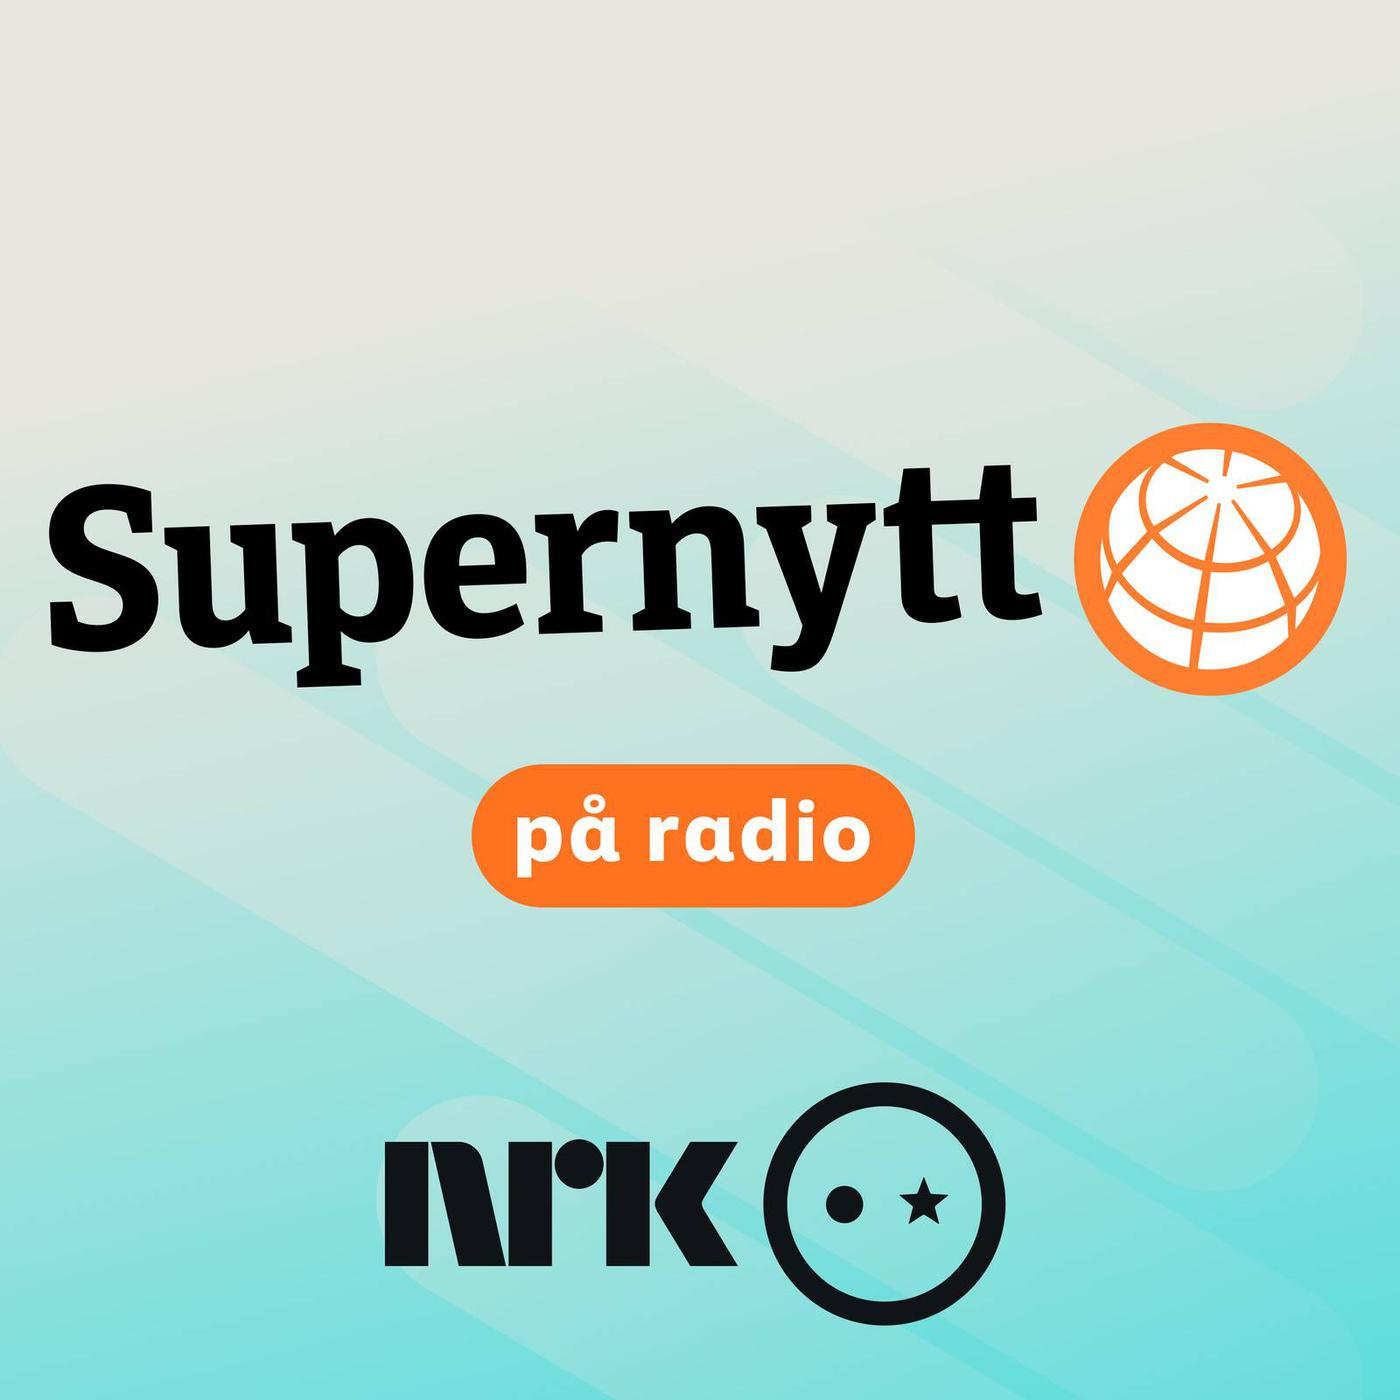 Supernytt Podcast Nrk Listen Notes